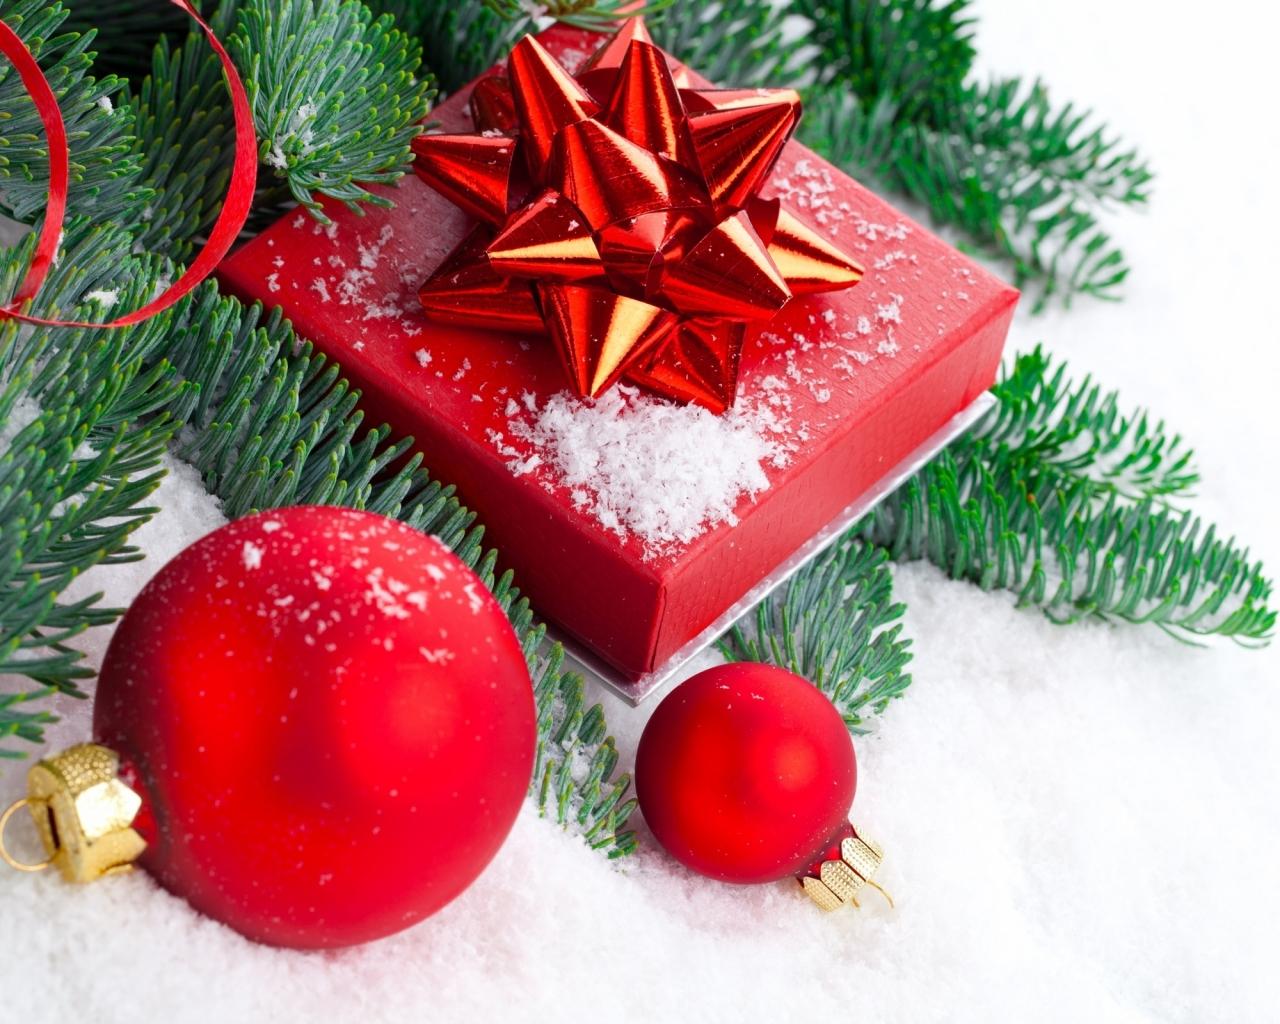 Regalos y navidad - 1280x1024